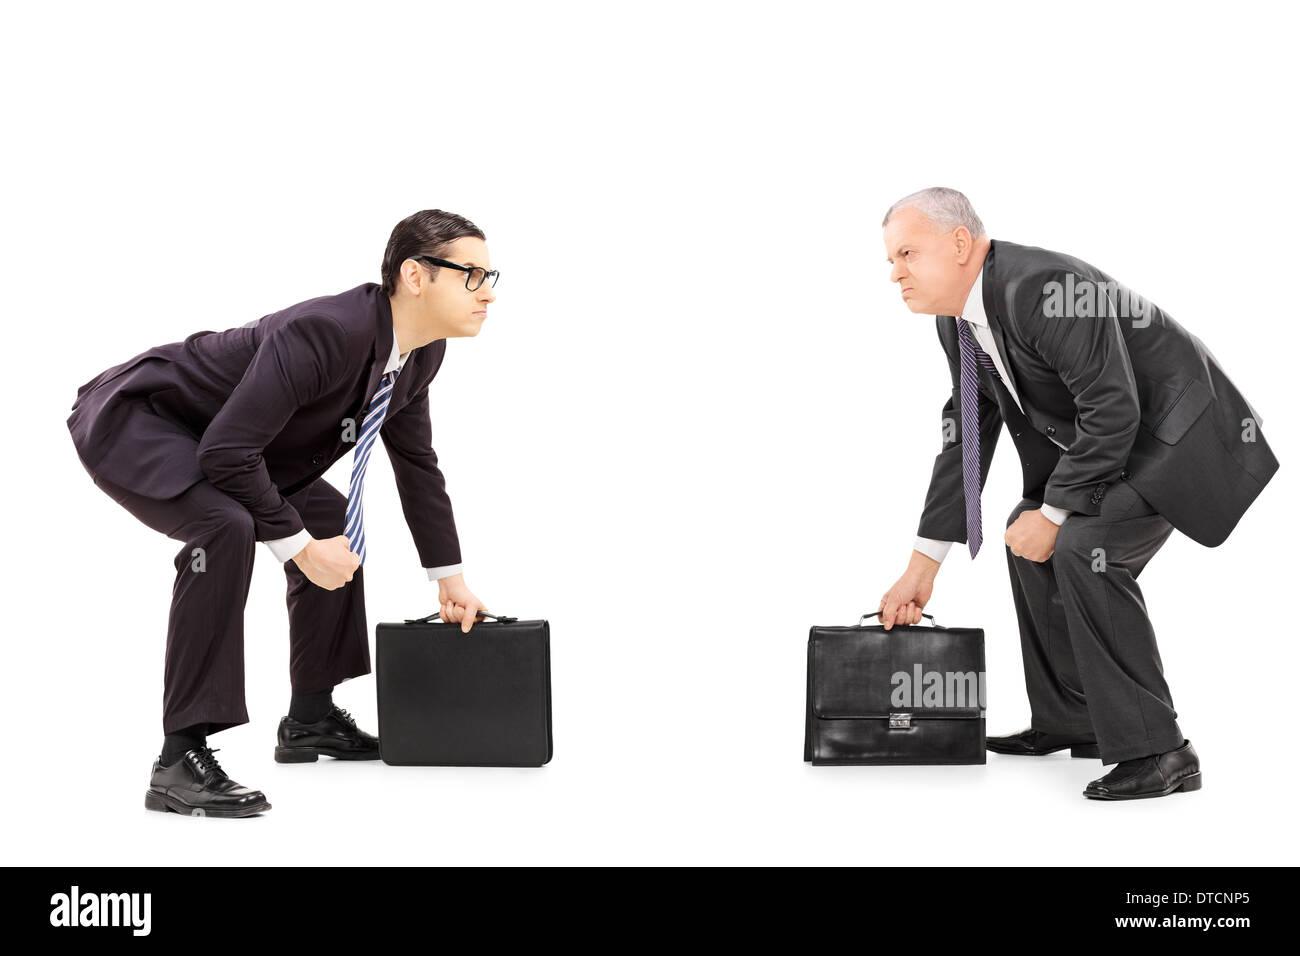 Zwei wettbewerbsfähige Geschäftsleute im Sumo-ringen Haltung stehen Stockbild